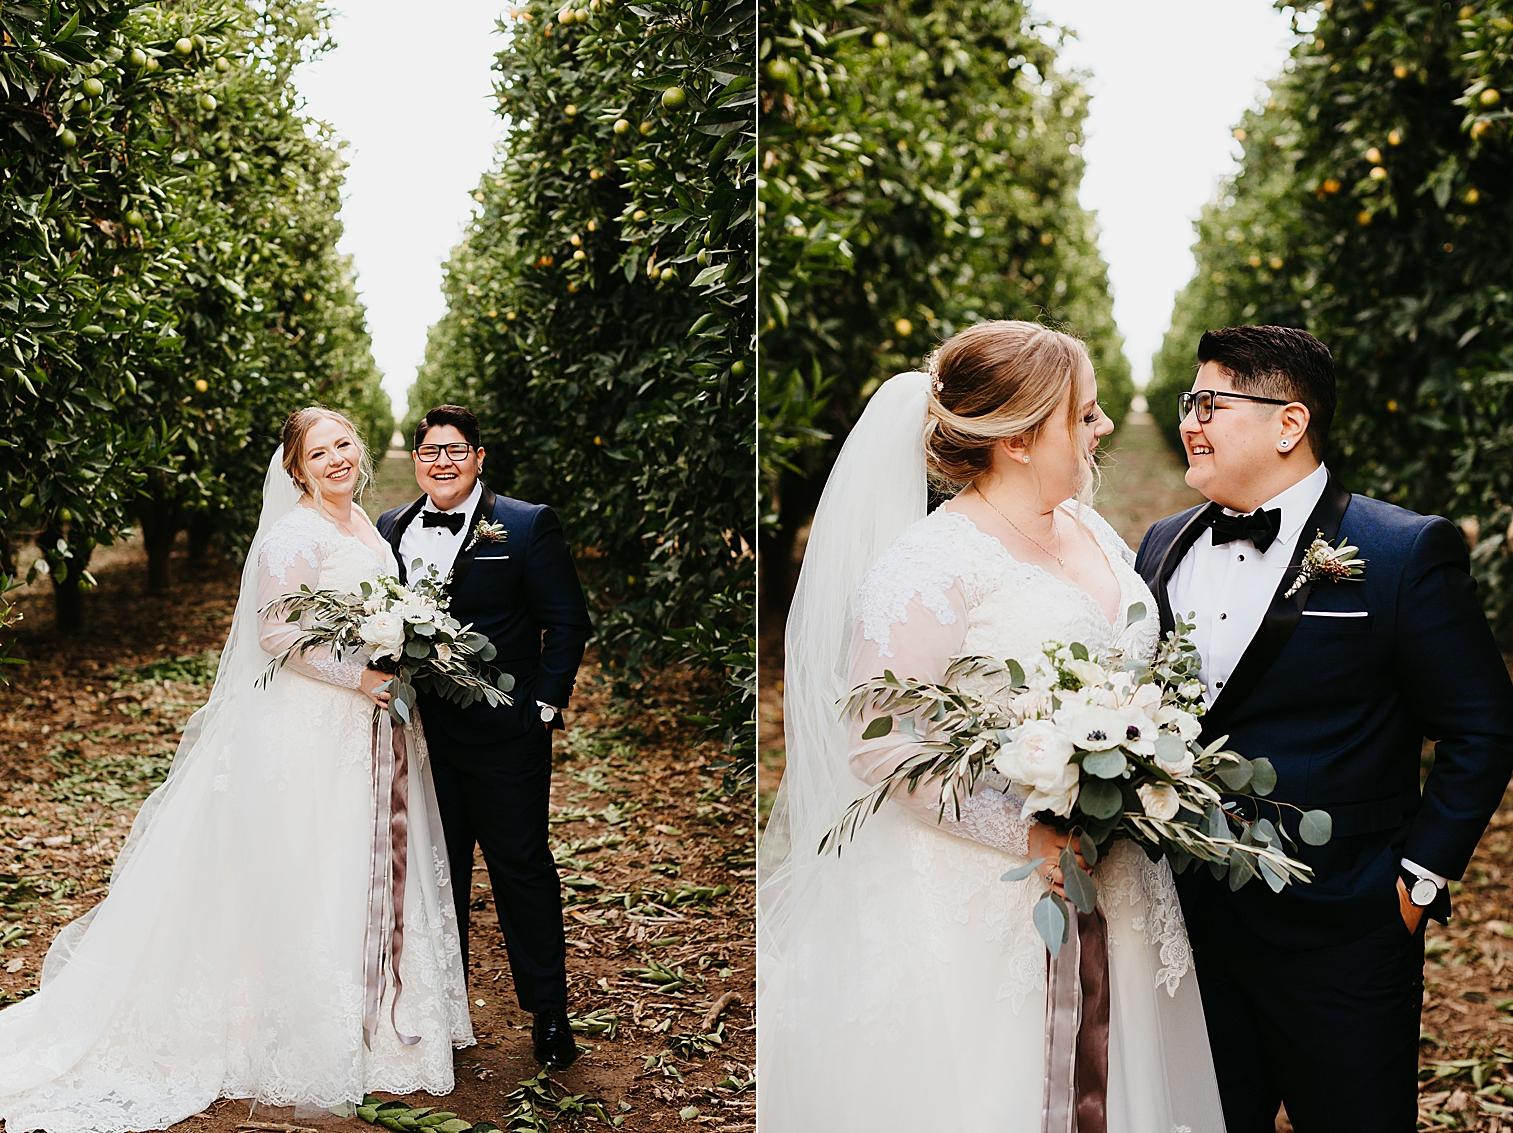 Lorimar-Winery-Wedding-44.jpg